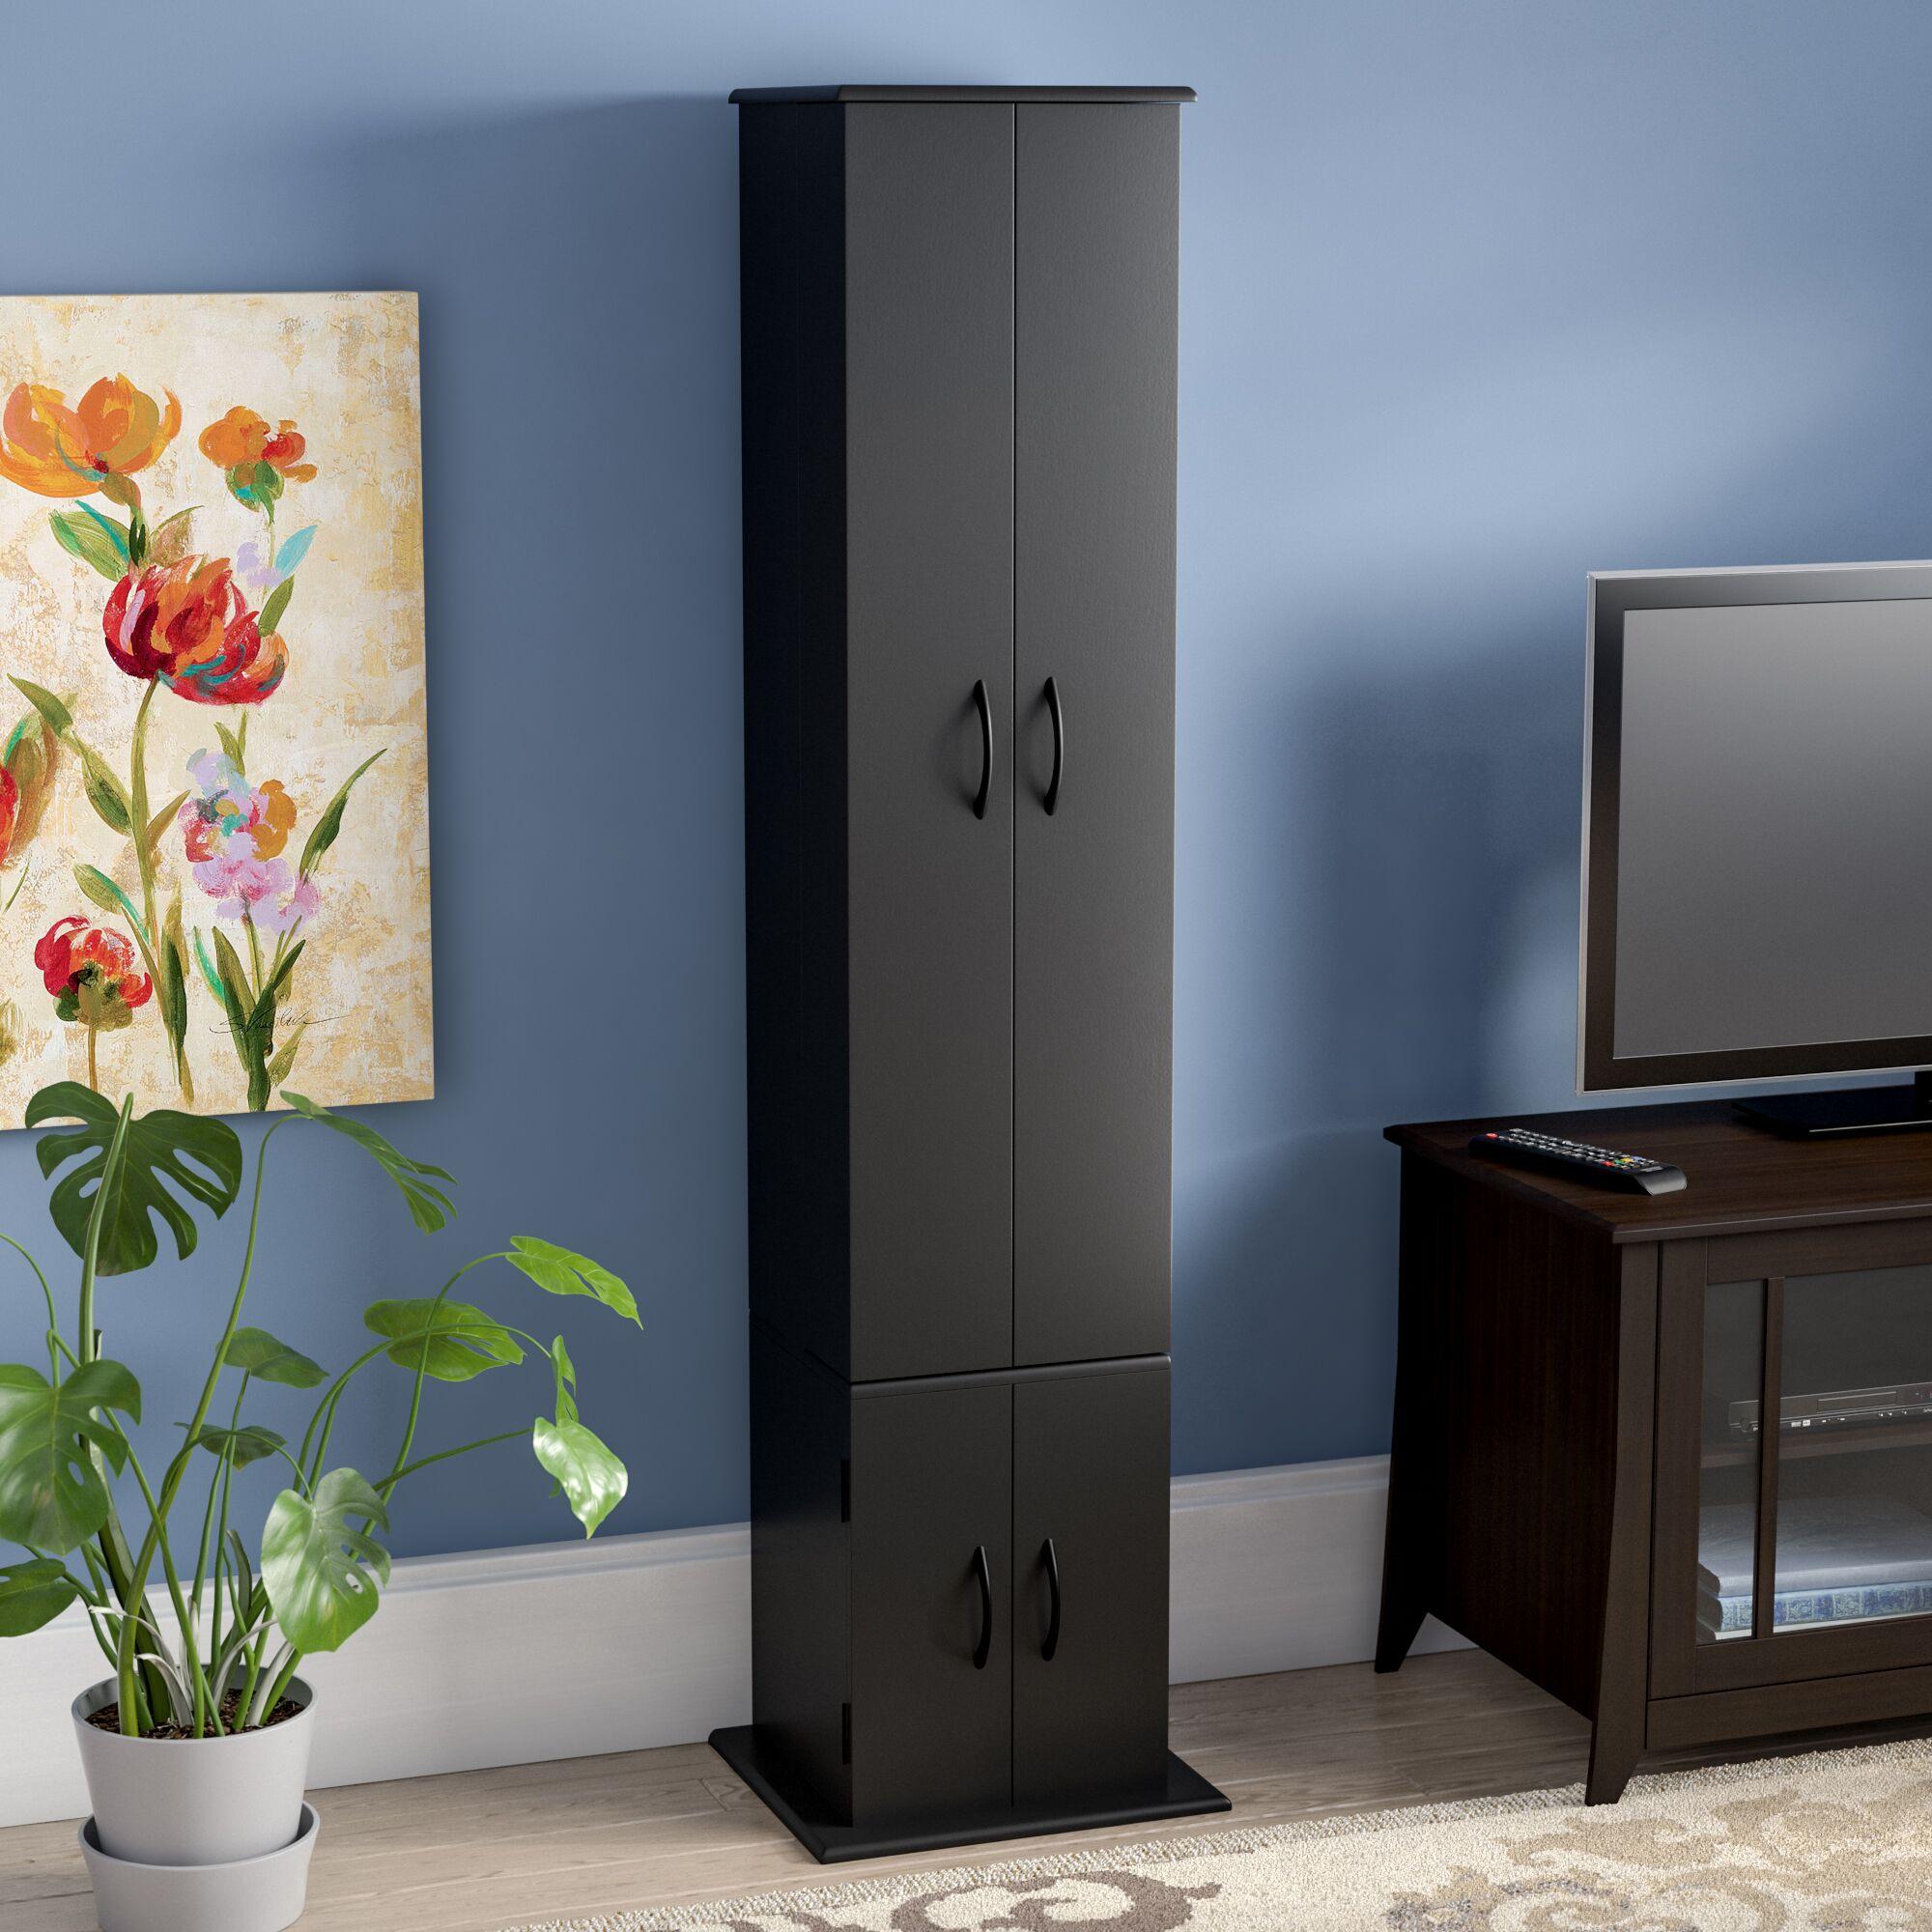 CD / DVD Wood Multimedia Cabinet Color: Black